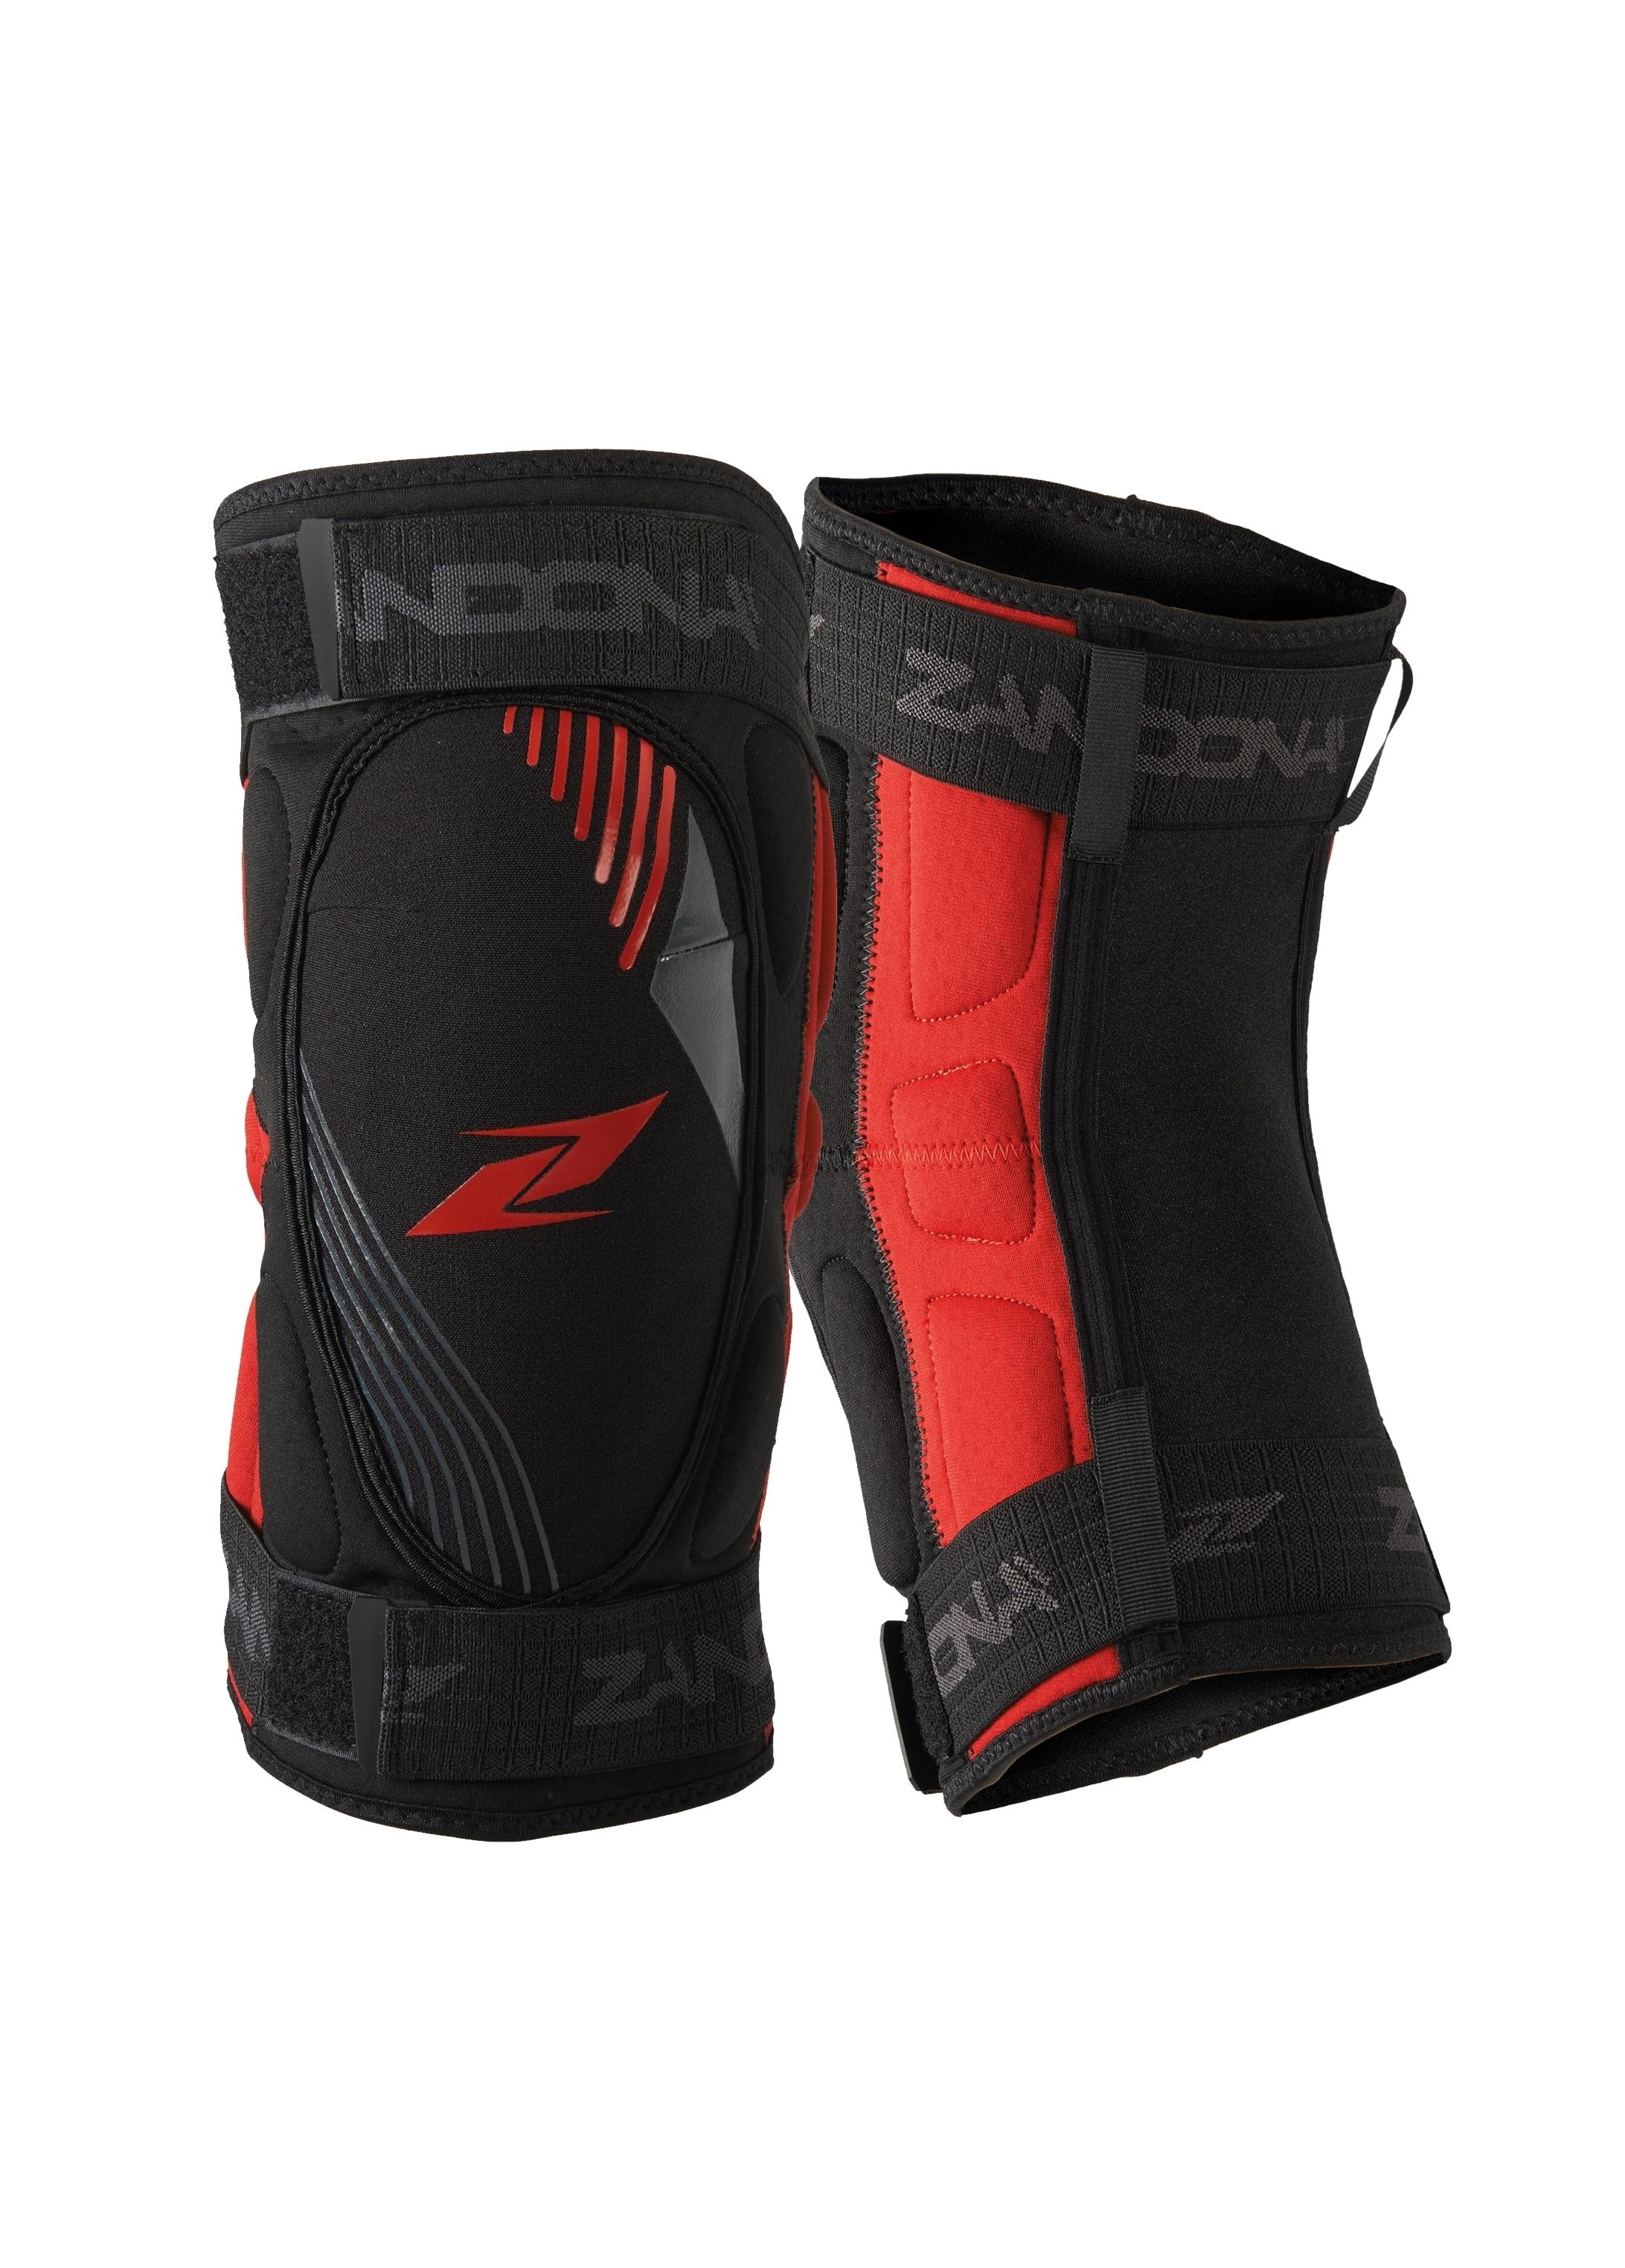 chránič kolene ZANDONA SOFT ACTIVE krátký L-XL